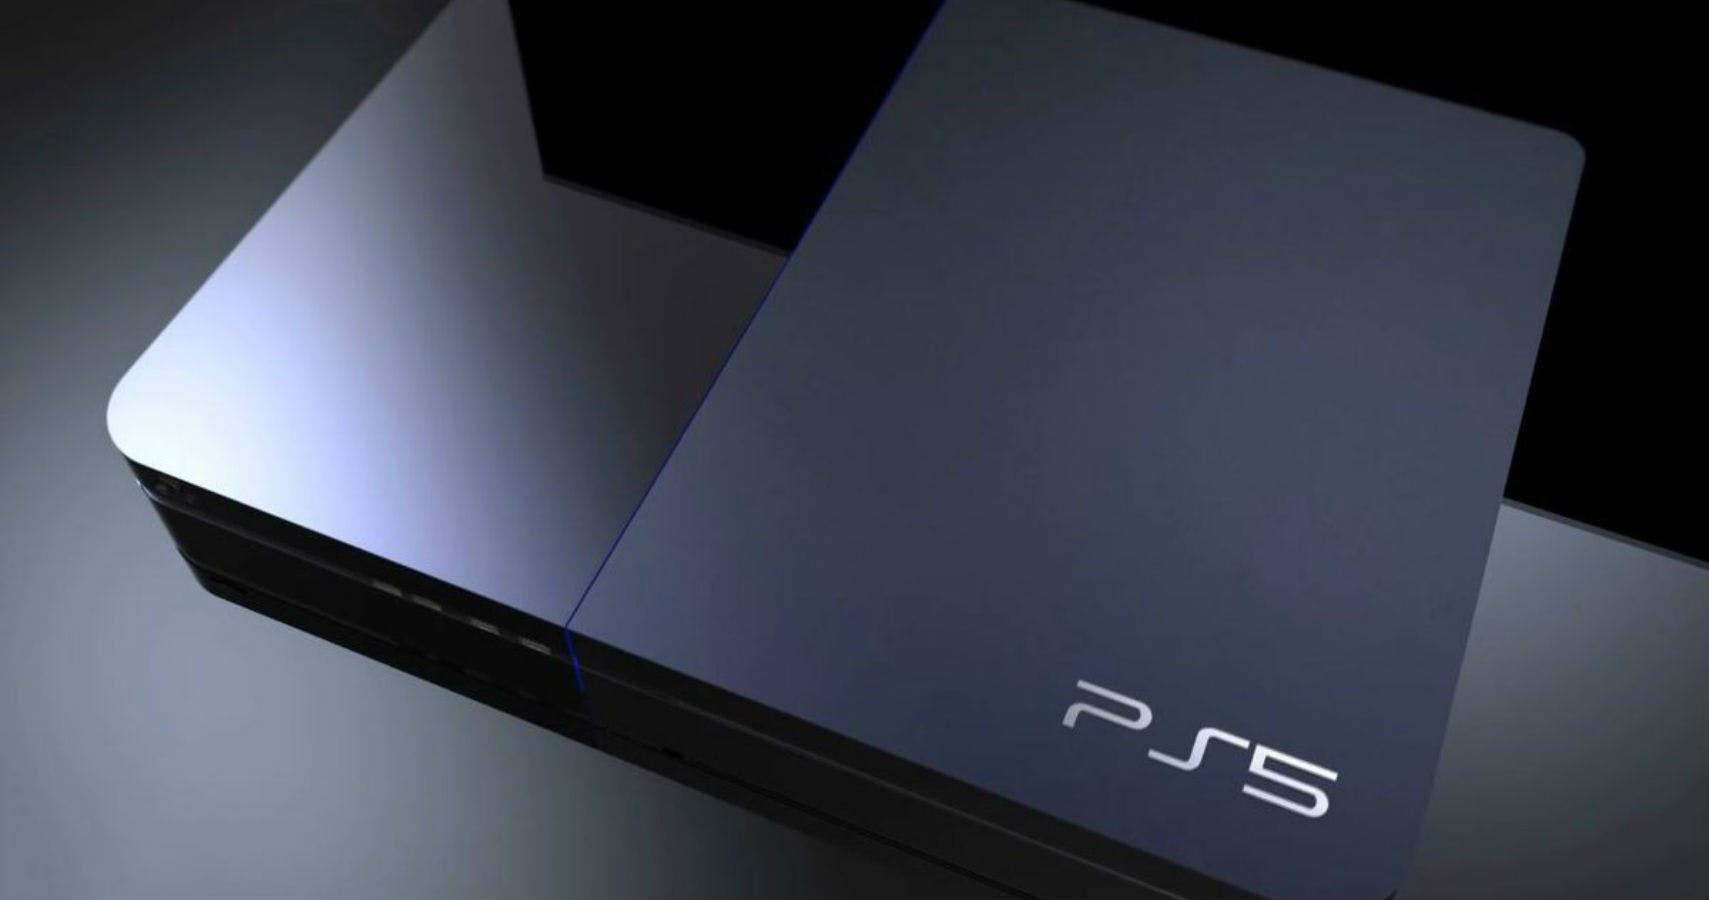 Analisti prevedono prezzo, data di uscita e volumi di vendita di PS5